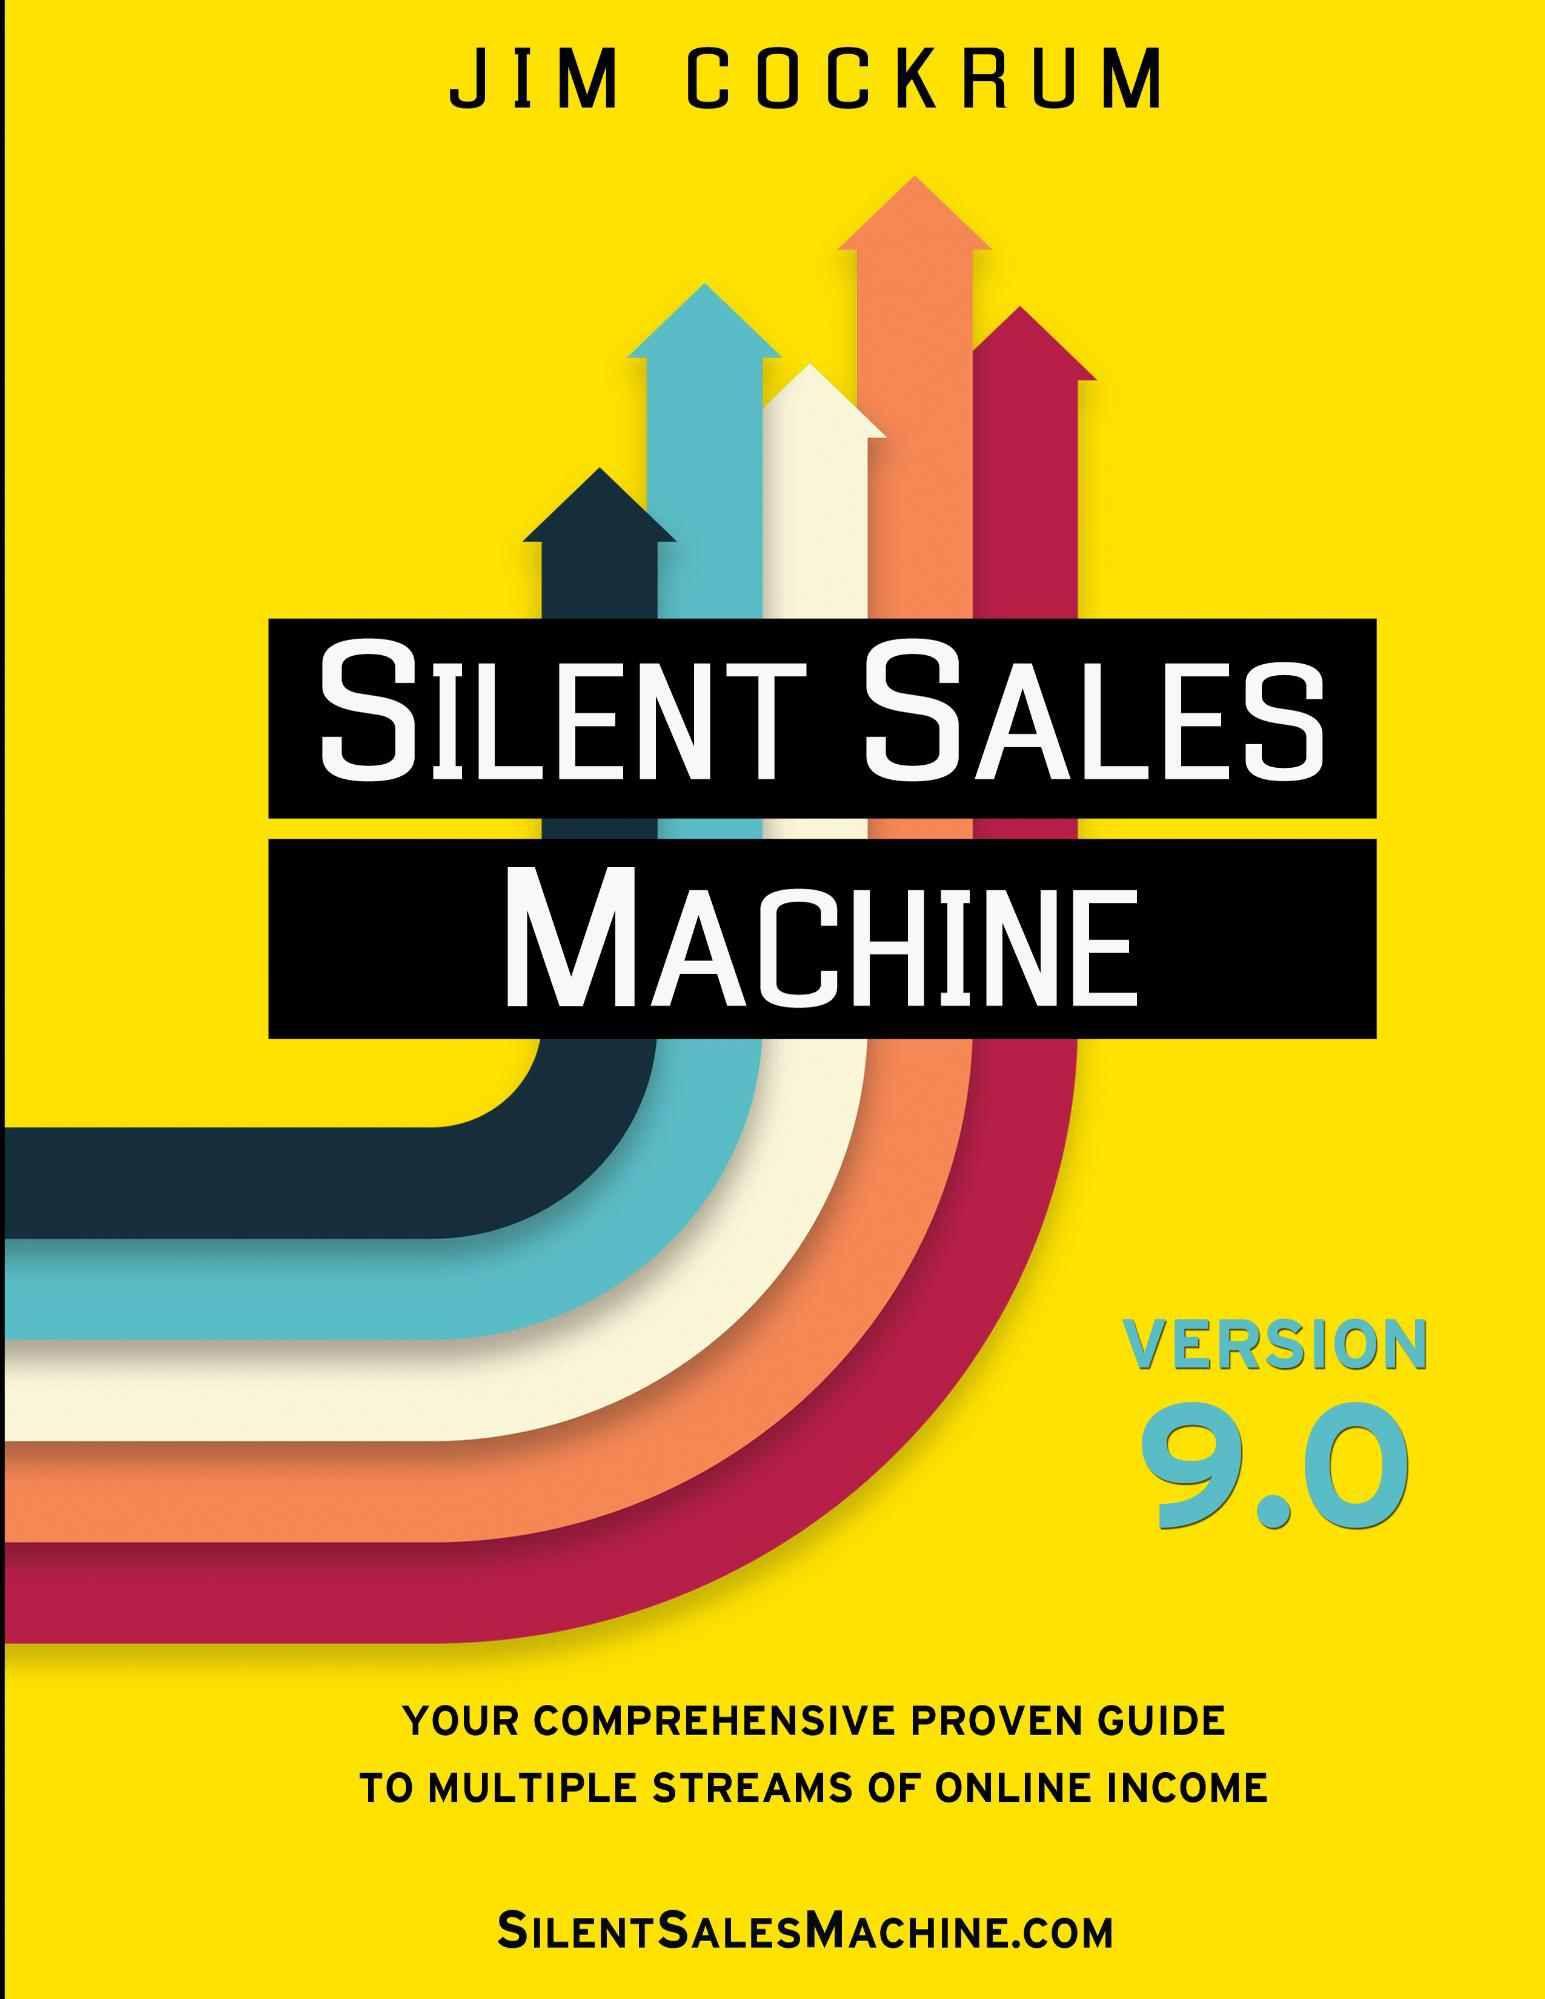 1 3 - 教你如何多途径通过网络赚钱的入门指南(Silent Sales Machine)